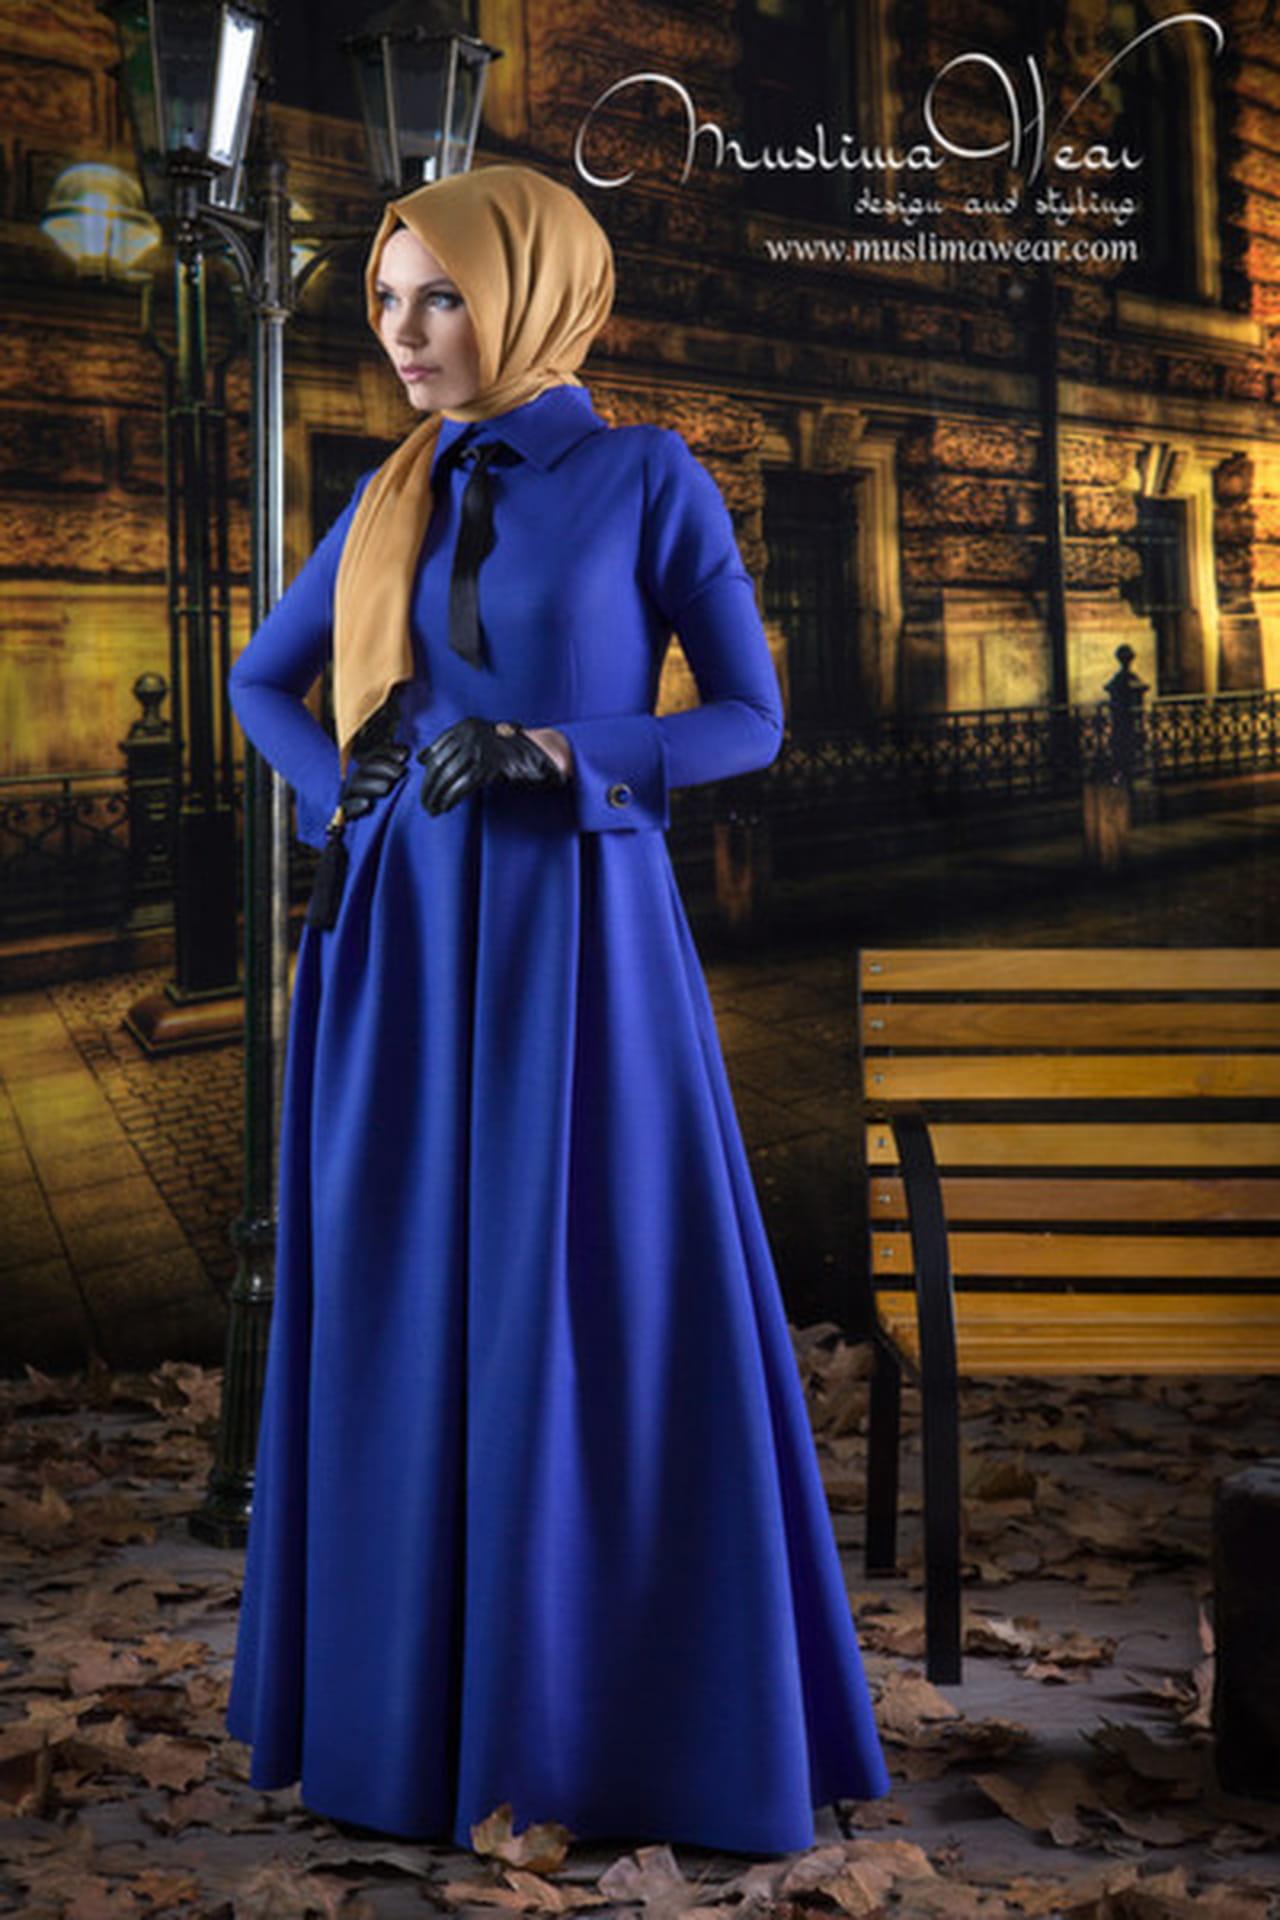 أفضل 10 إطلالات من أزياء Muslima Wear التركية  814316